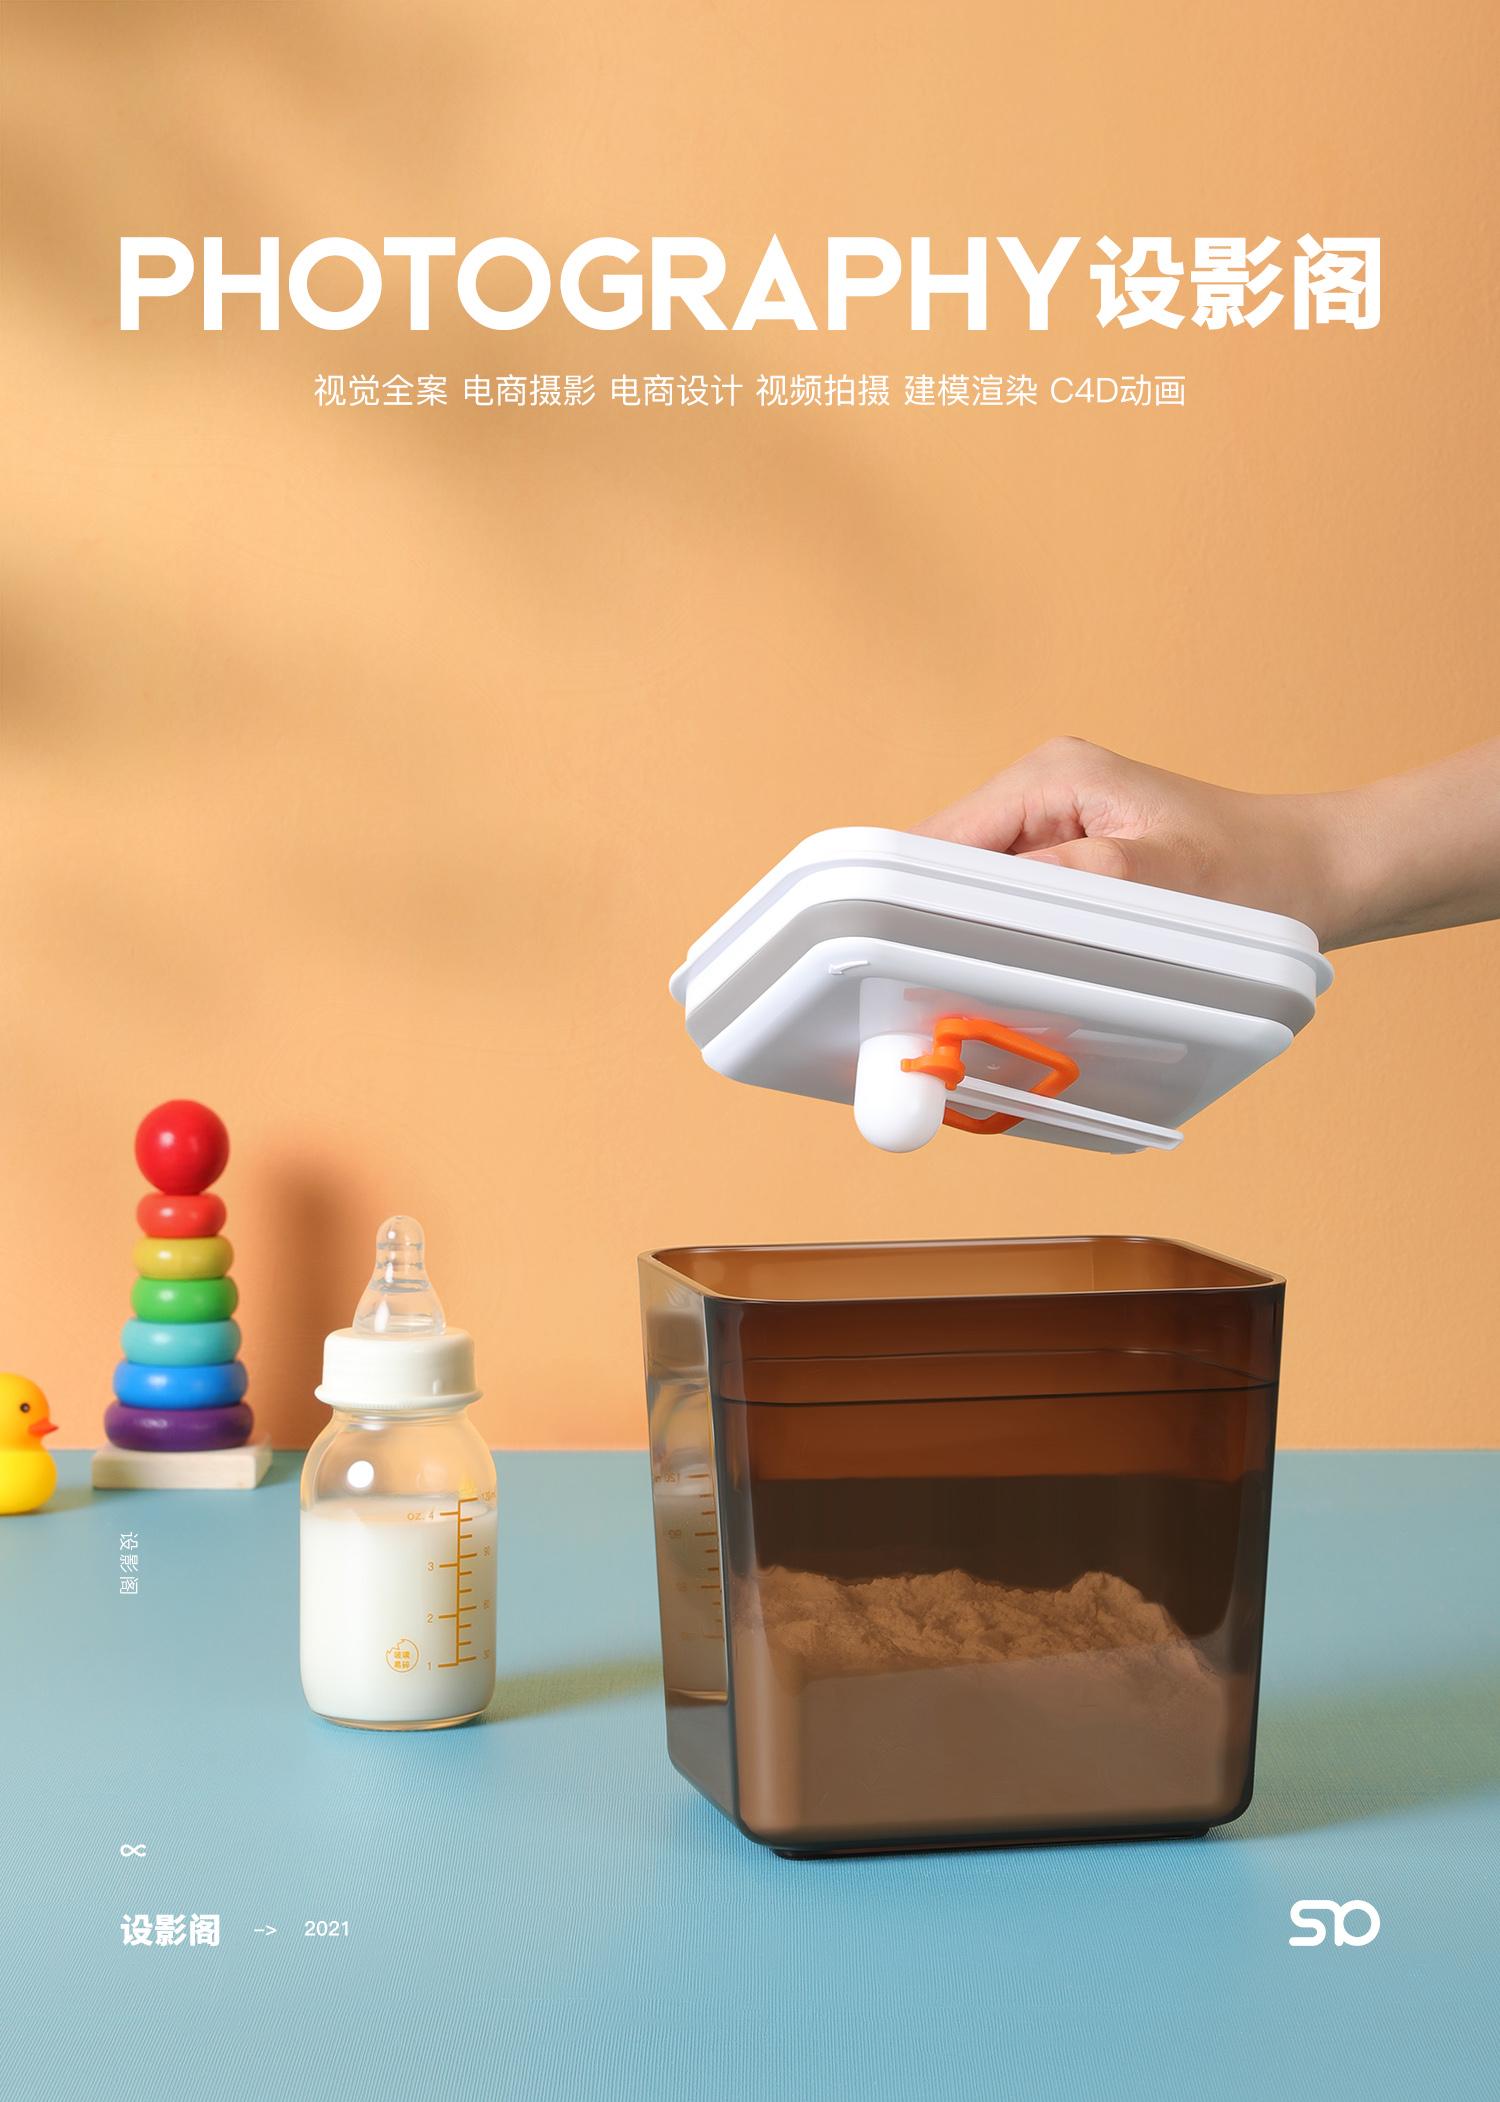 奶粉密封罐 x 产品拍摄